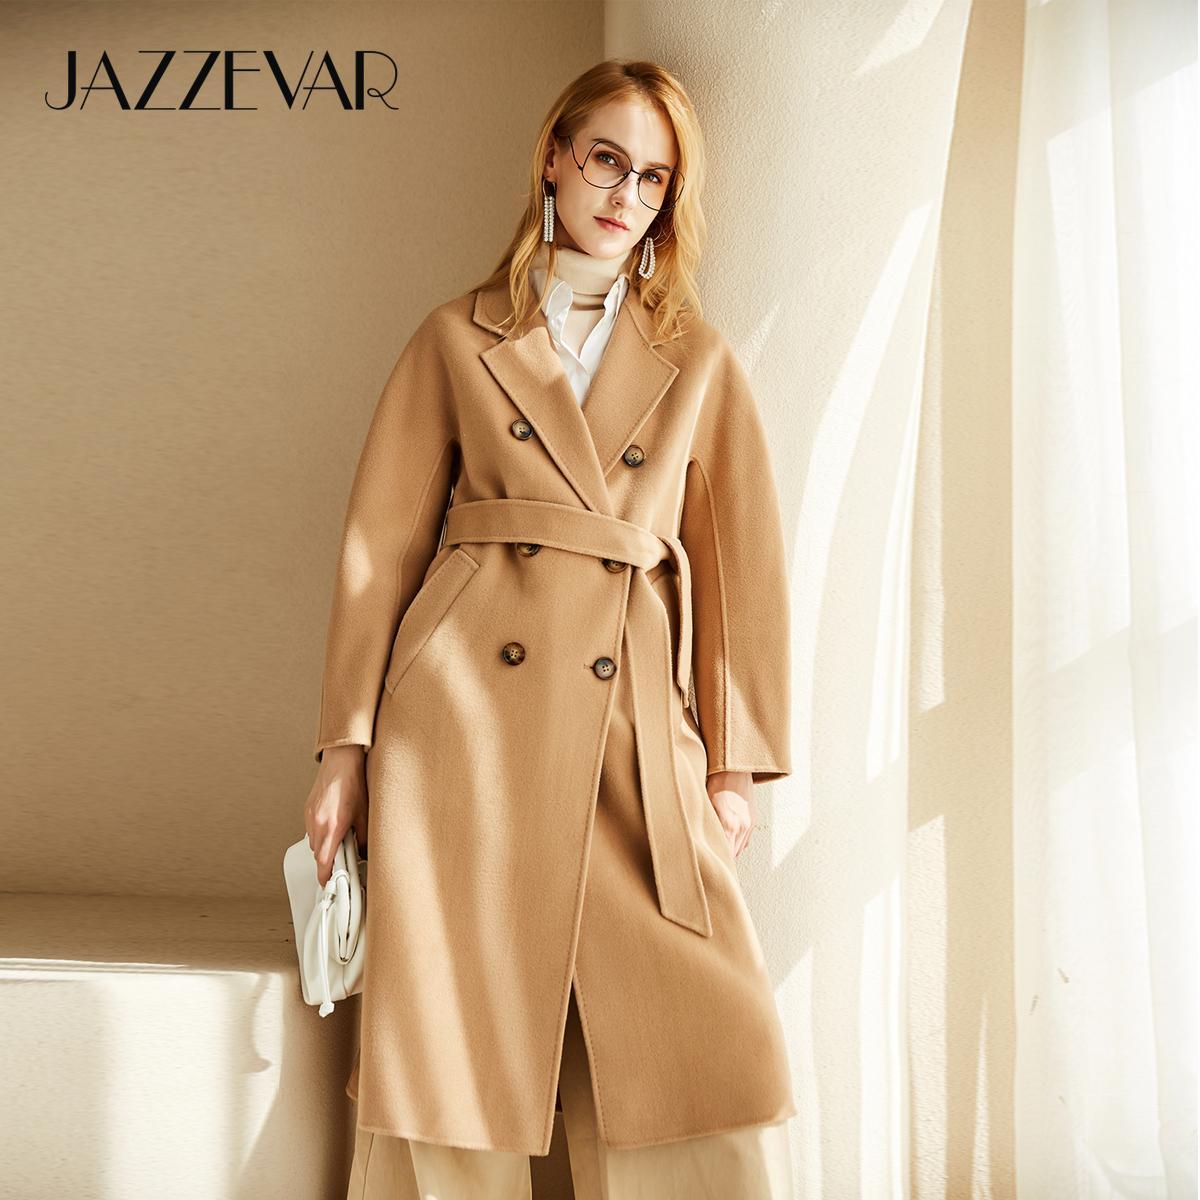 Donne JAZZEVAR Atumn inverno Nuovo arrivo cucito a mano doppio petto Cappotto di alta qualità doppia faccia abbigliamento per signora 201009